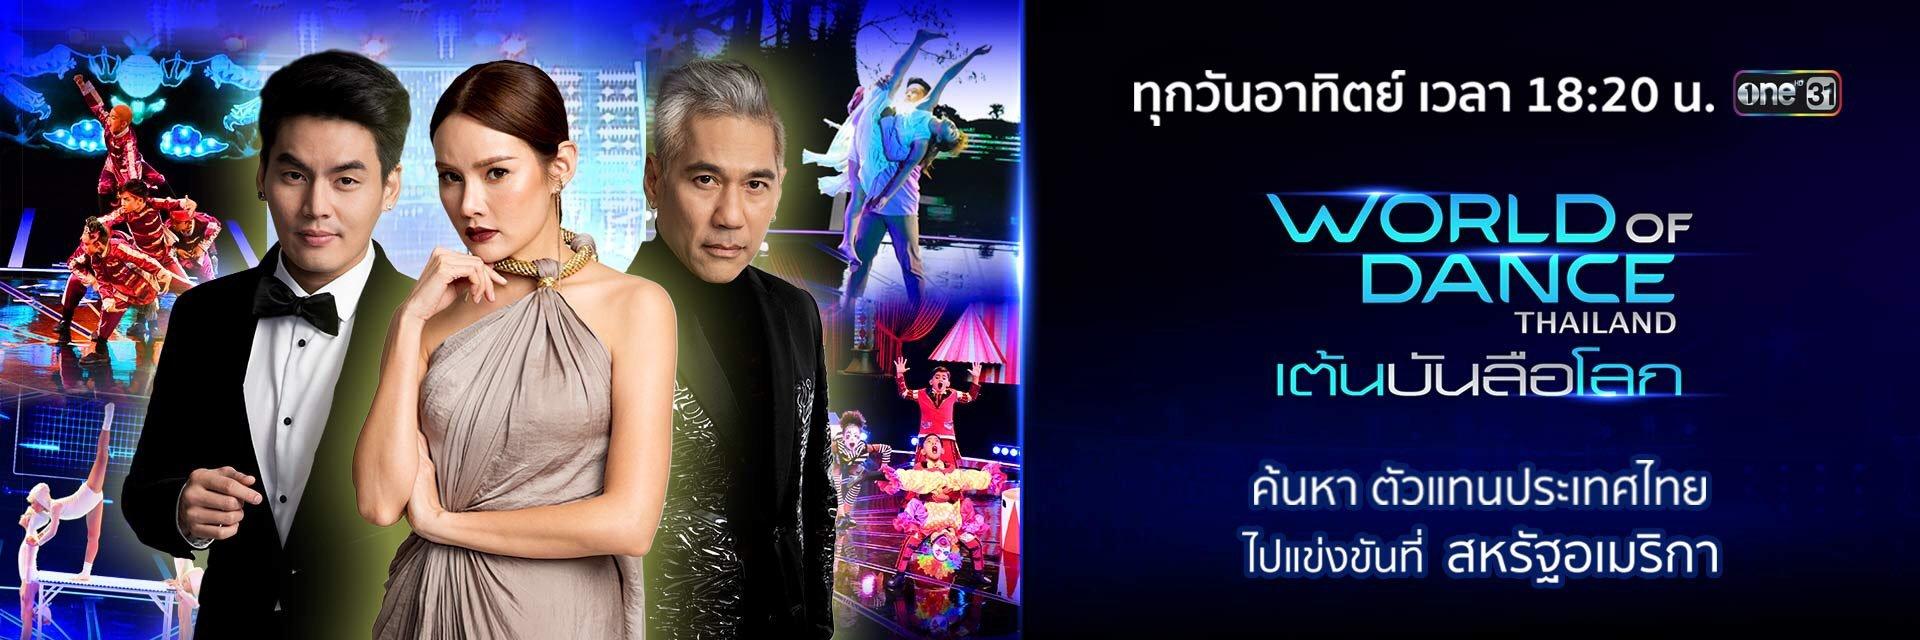 รายการ WORLD OF DANCE THAILAND เต้นบันลือโลก